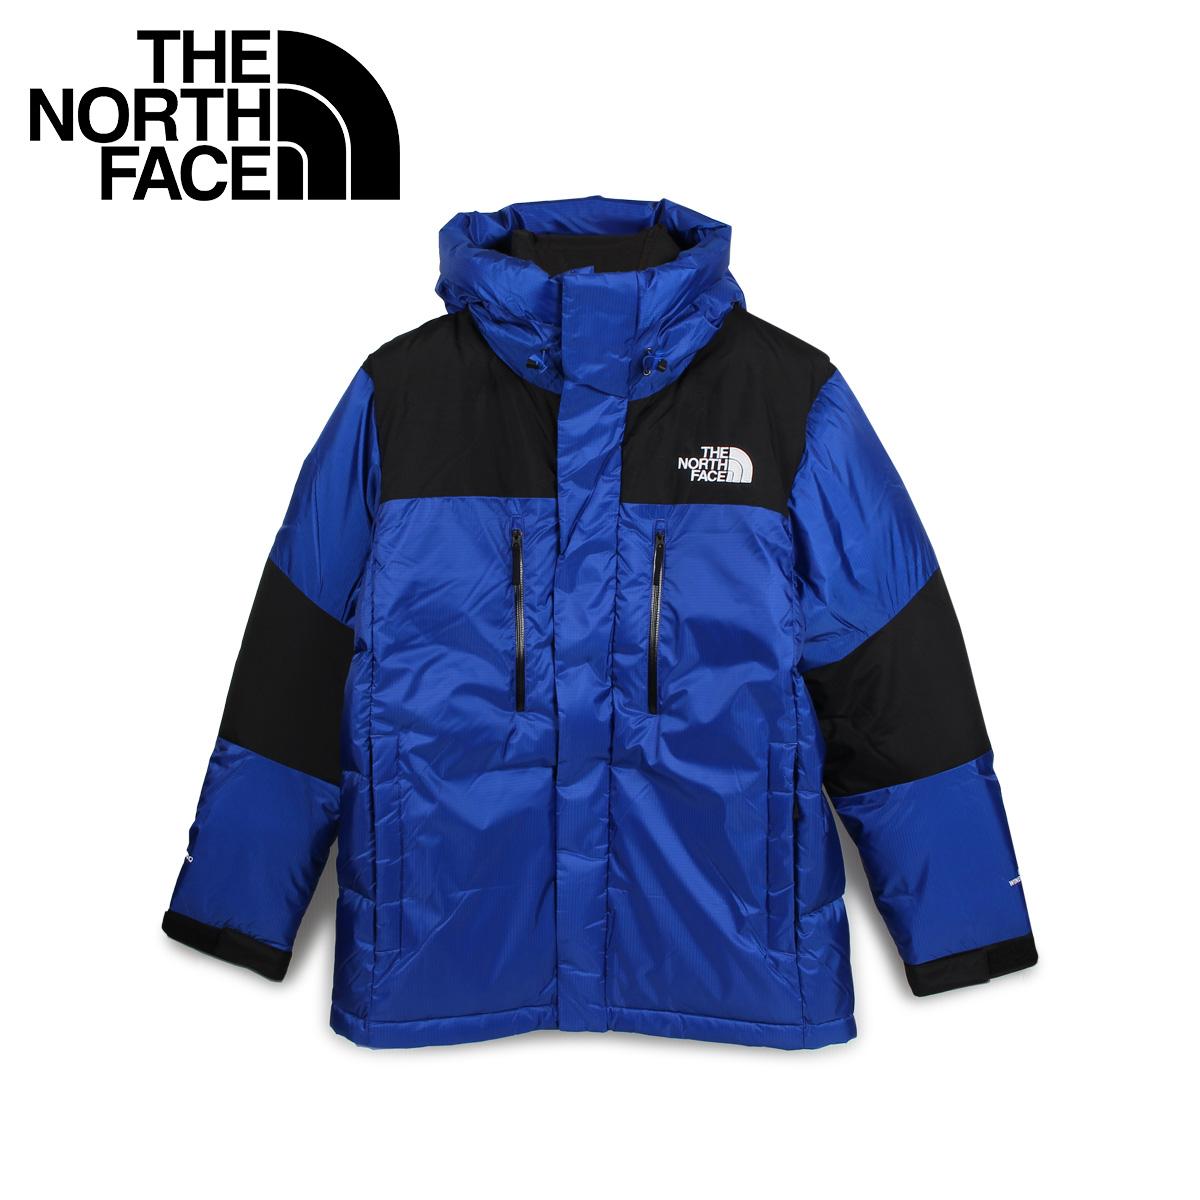 THE NORTH FACE ノースフェイス ジャケット ダウンジャケット ヒマラヤン メンズ MENS ORIGINAL HIMALAYAN WINDSTOPPER DOWN ブルー T93L2L